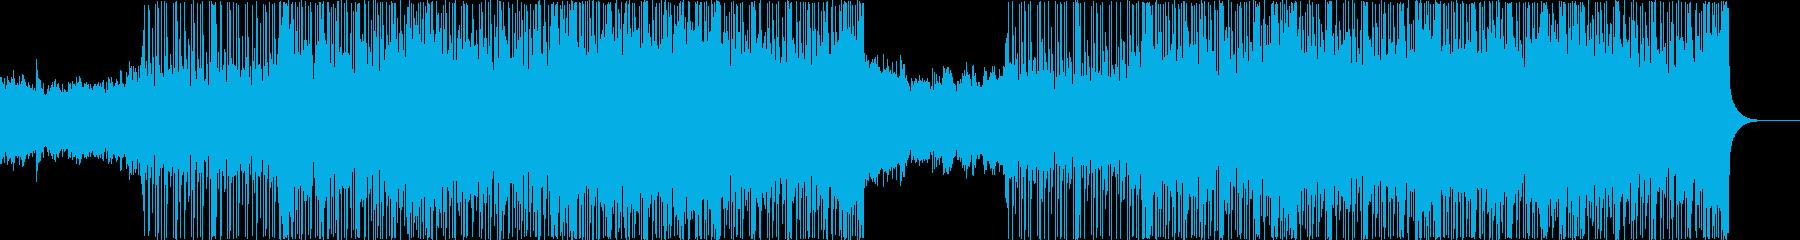 スラップベースが特徴的なフュージョンの再生済みの波形